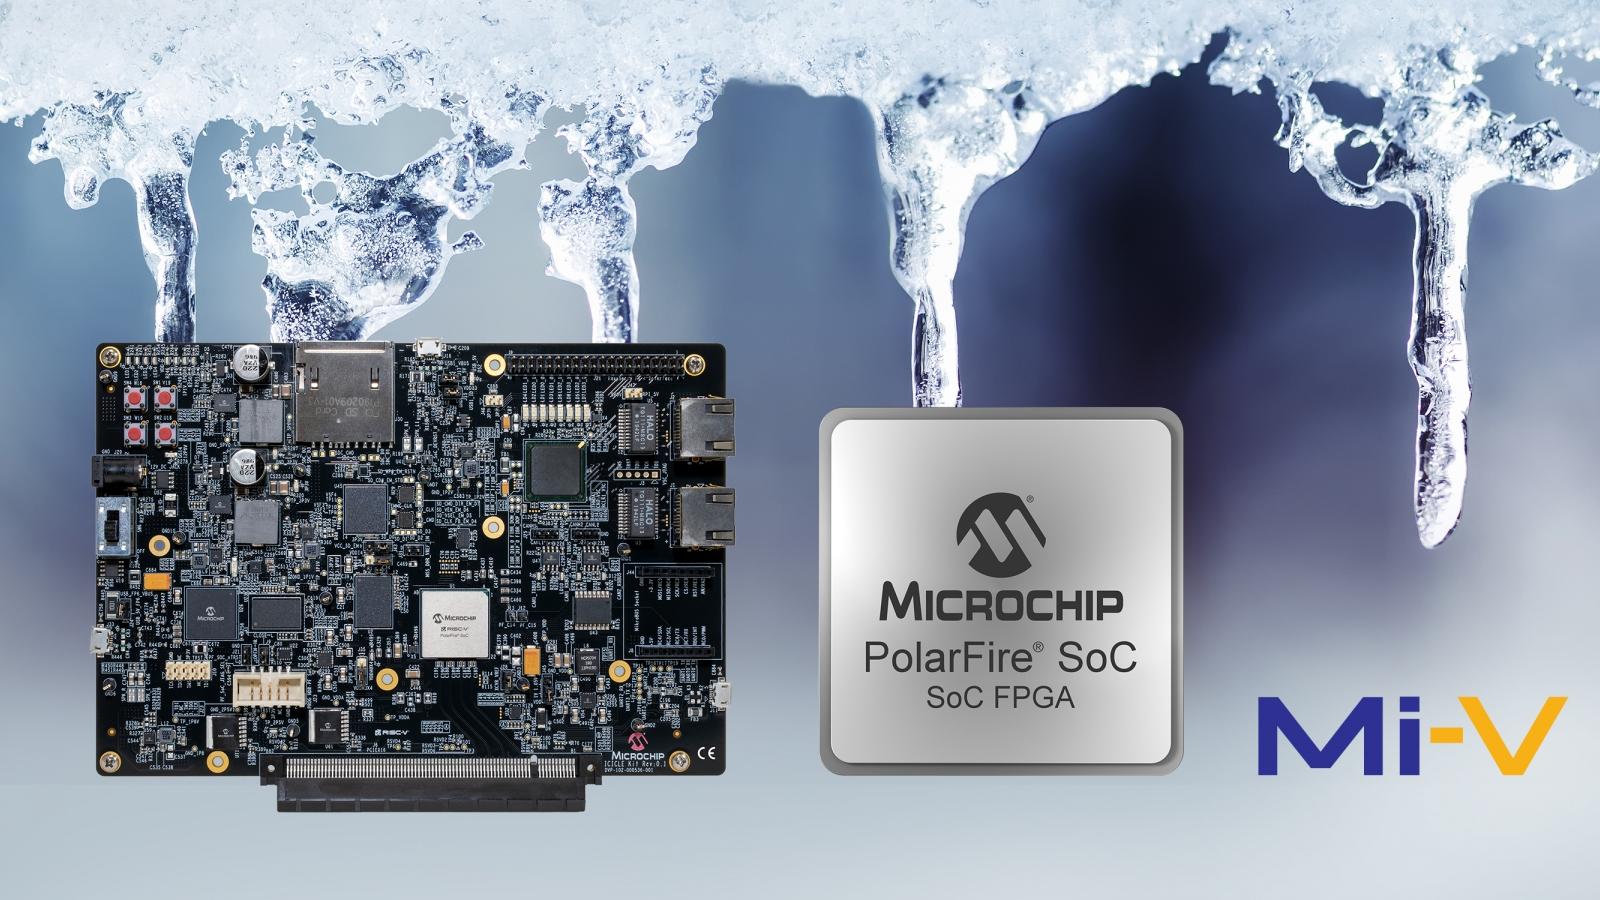 Microchip ra mắt bộ kit có mức tiêu thụ điện năng thấp nhất